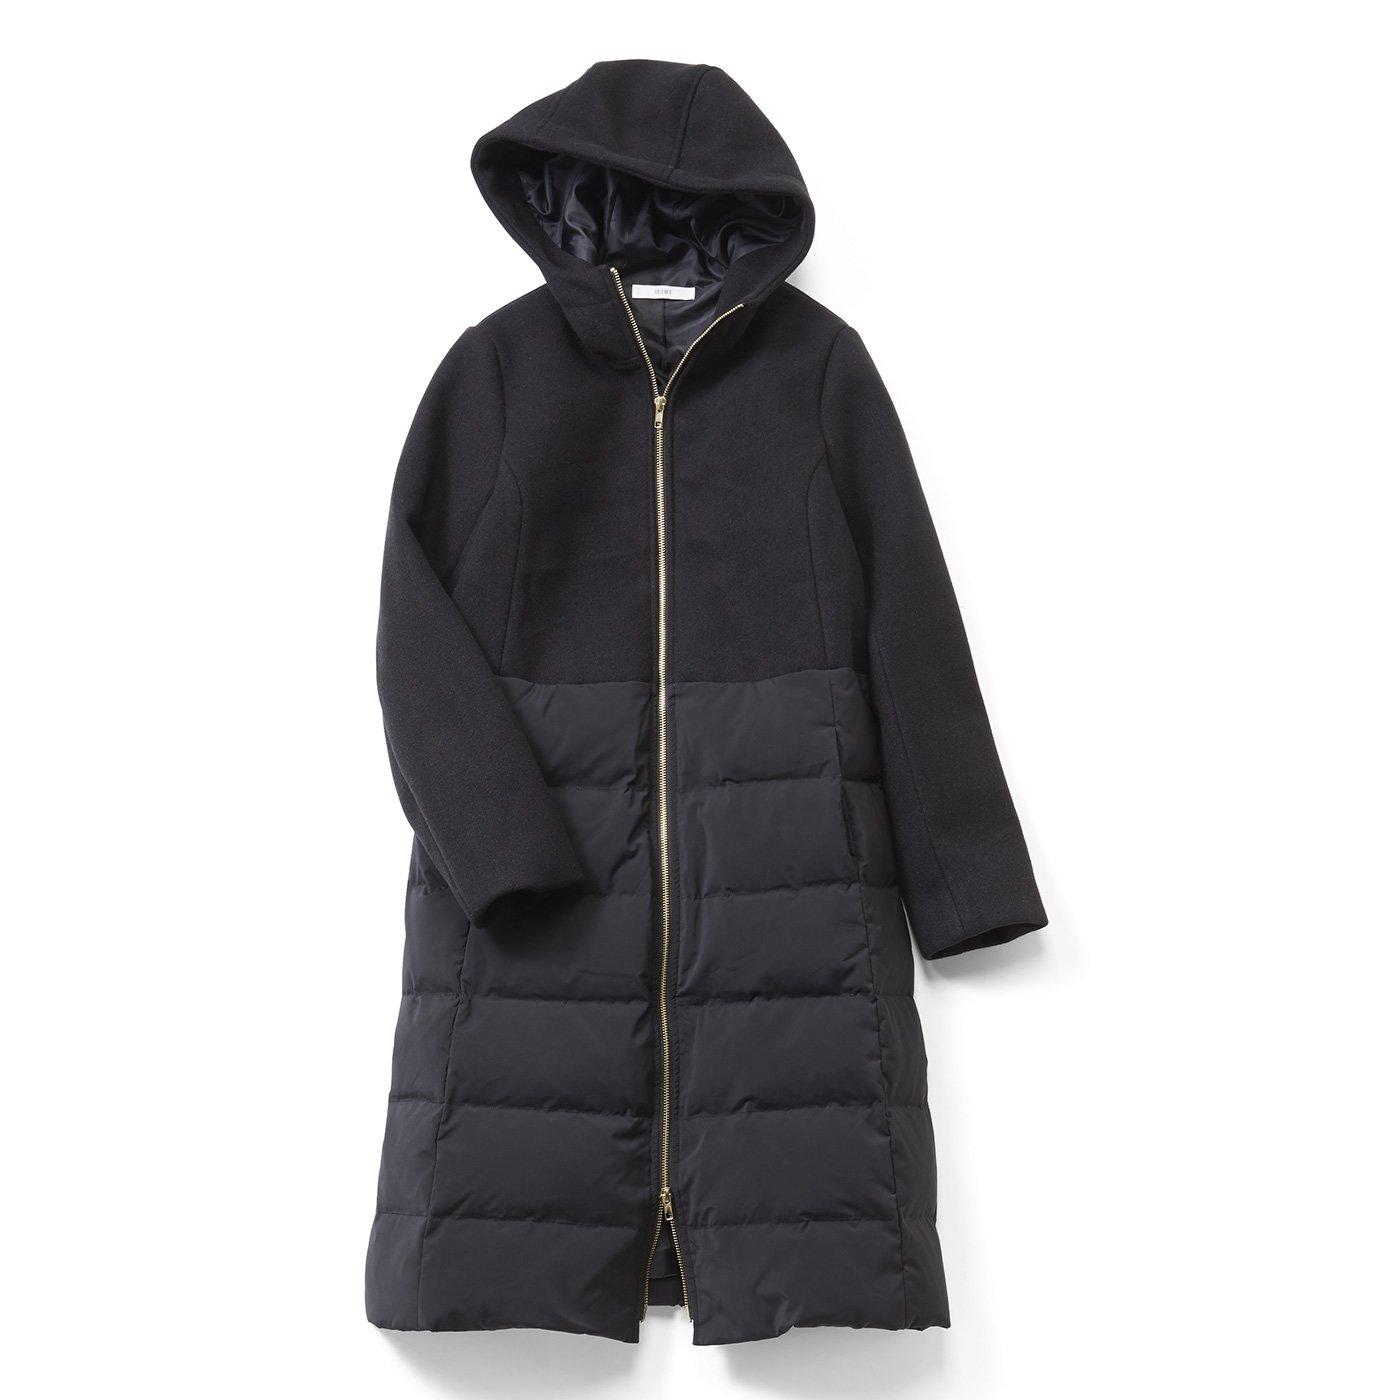 【3~10日でお届け】IEDIT[イディット] メルトン風切り替えの きれいめダウン遣いコート〈ブラック〉